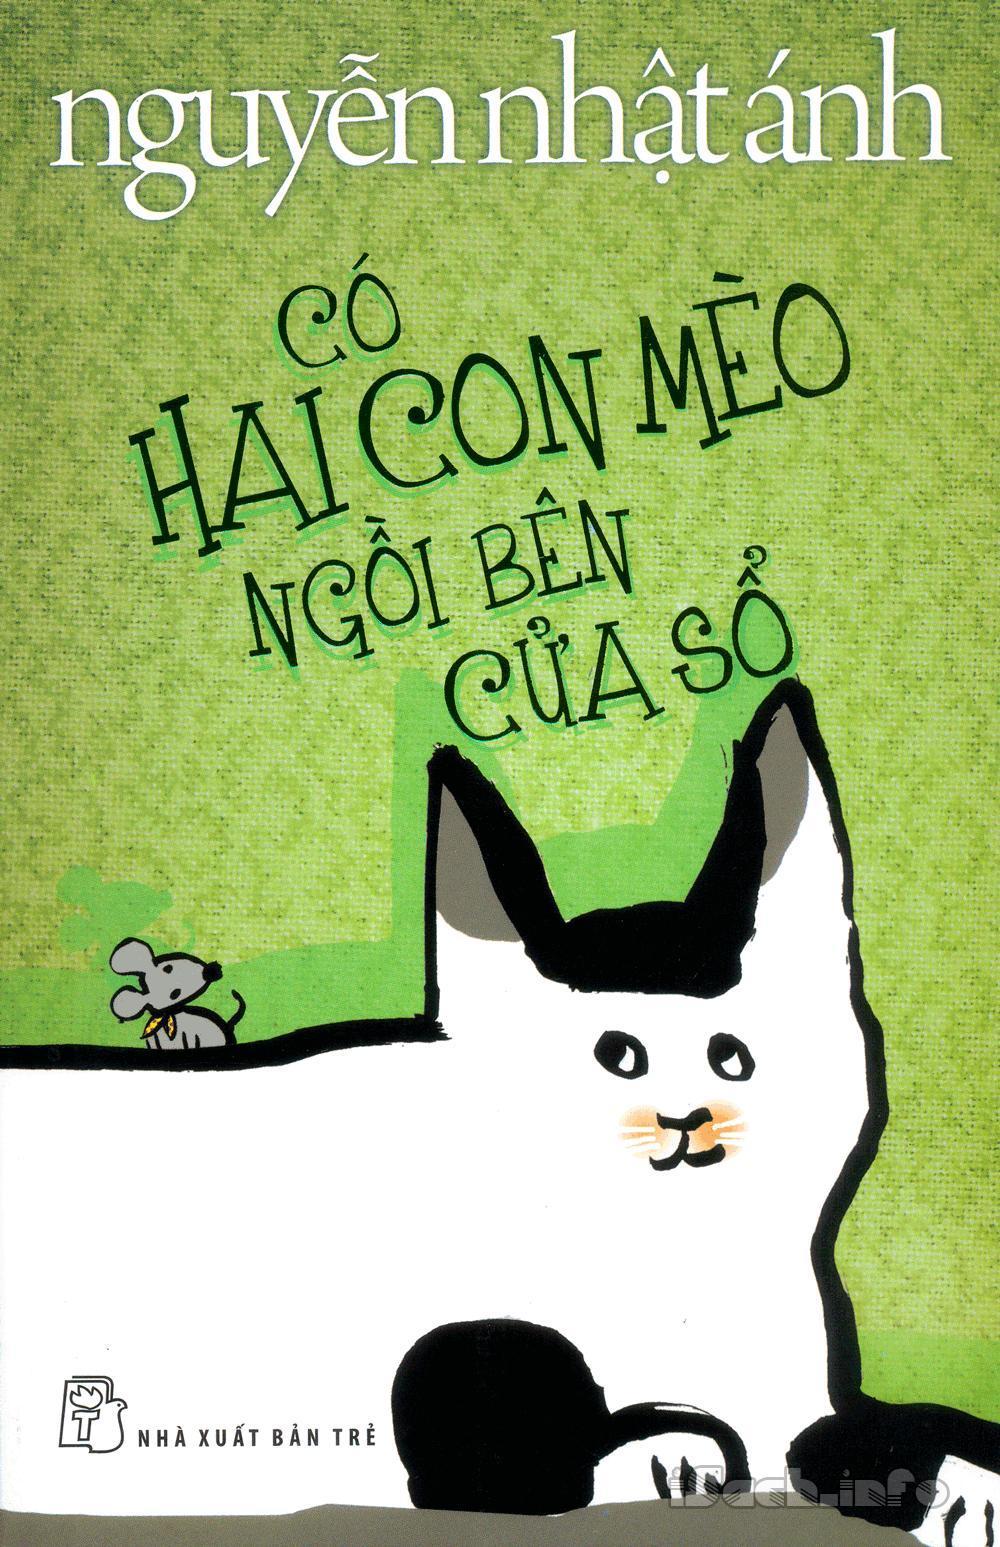 sach co hai con meo ngoi ben cua so Những quyển sách hay nhất của Nguyễn Nhật Ánh